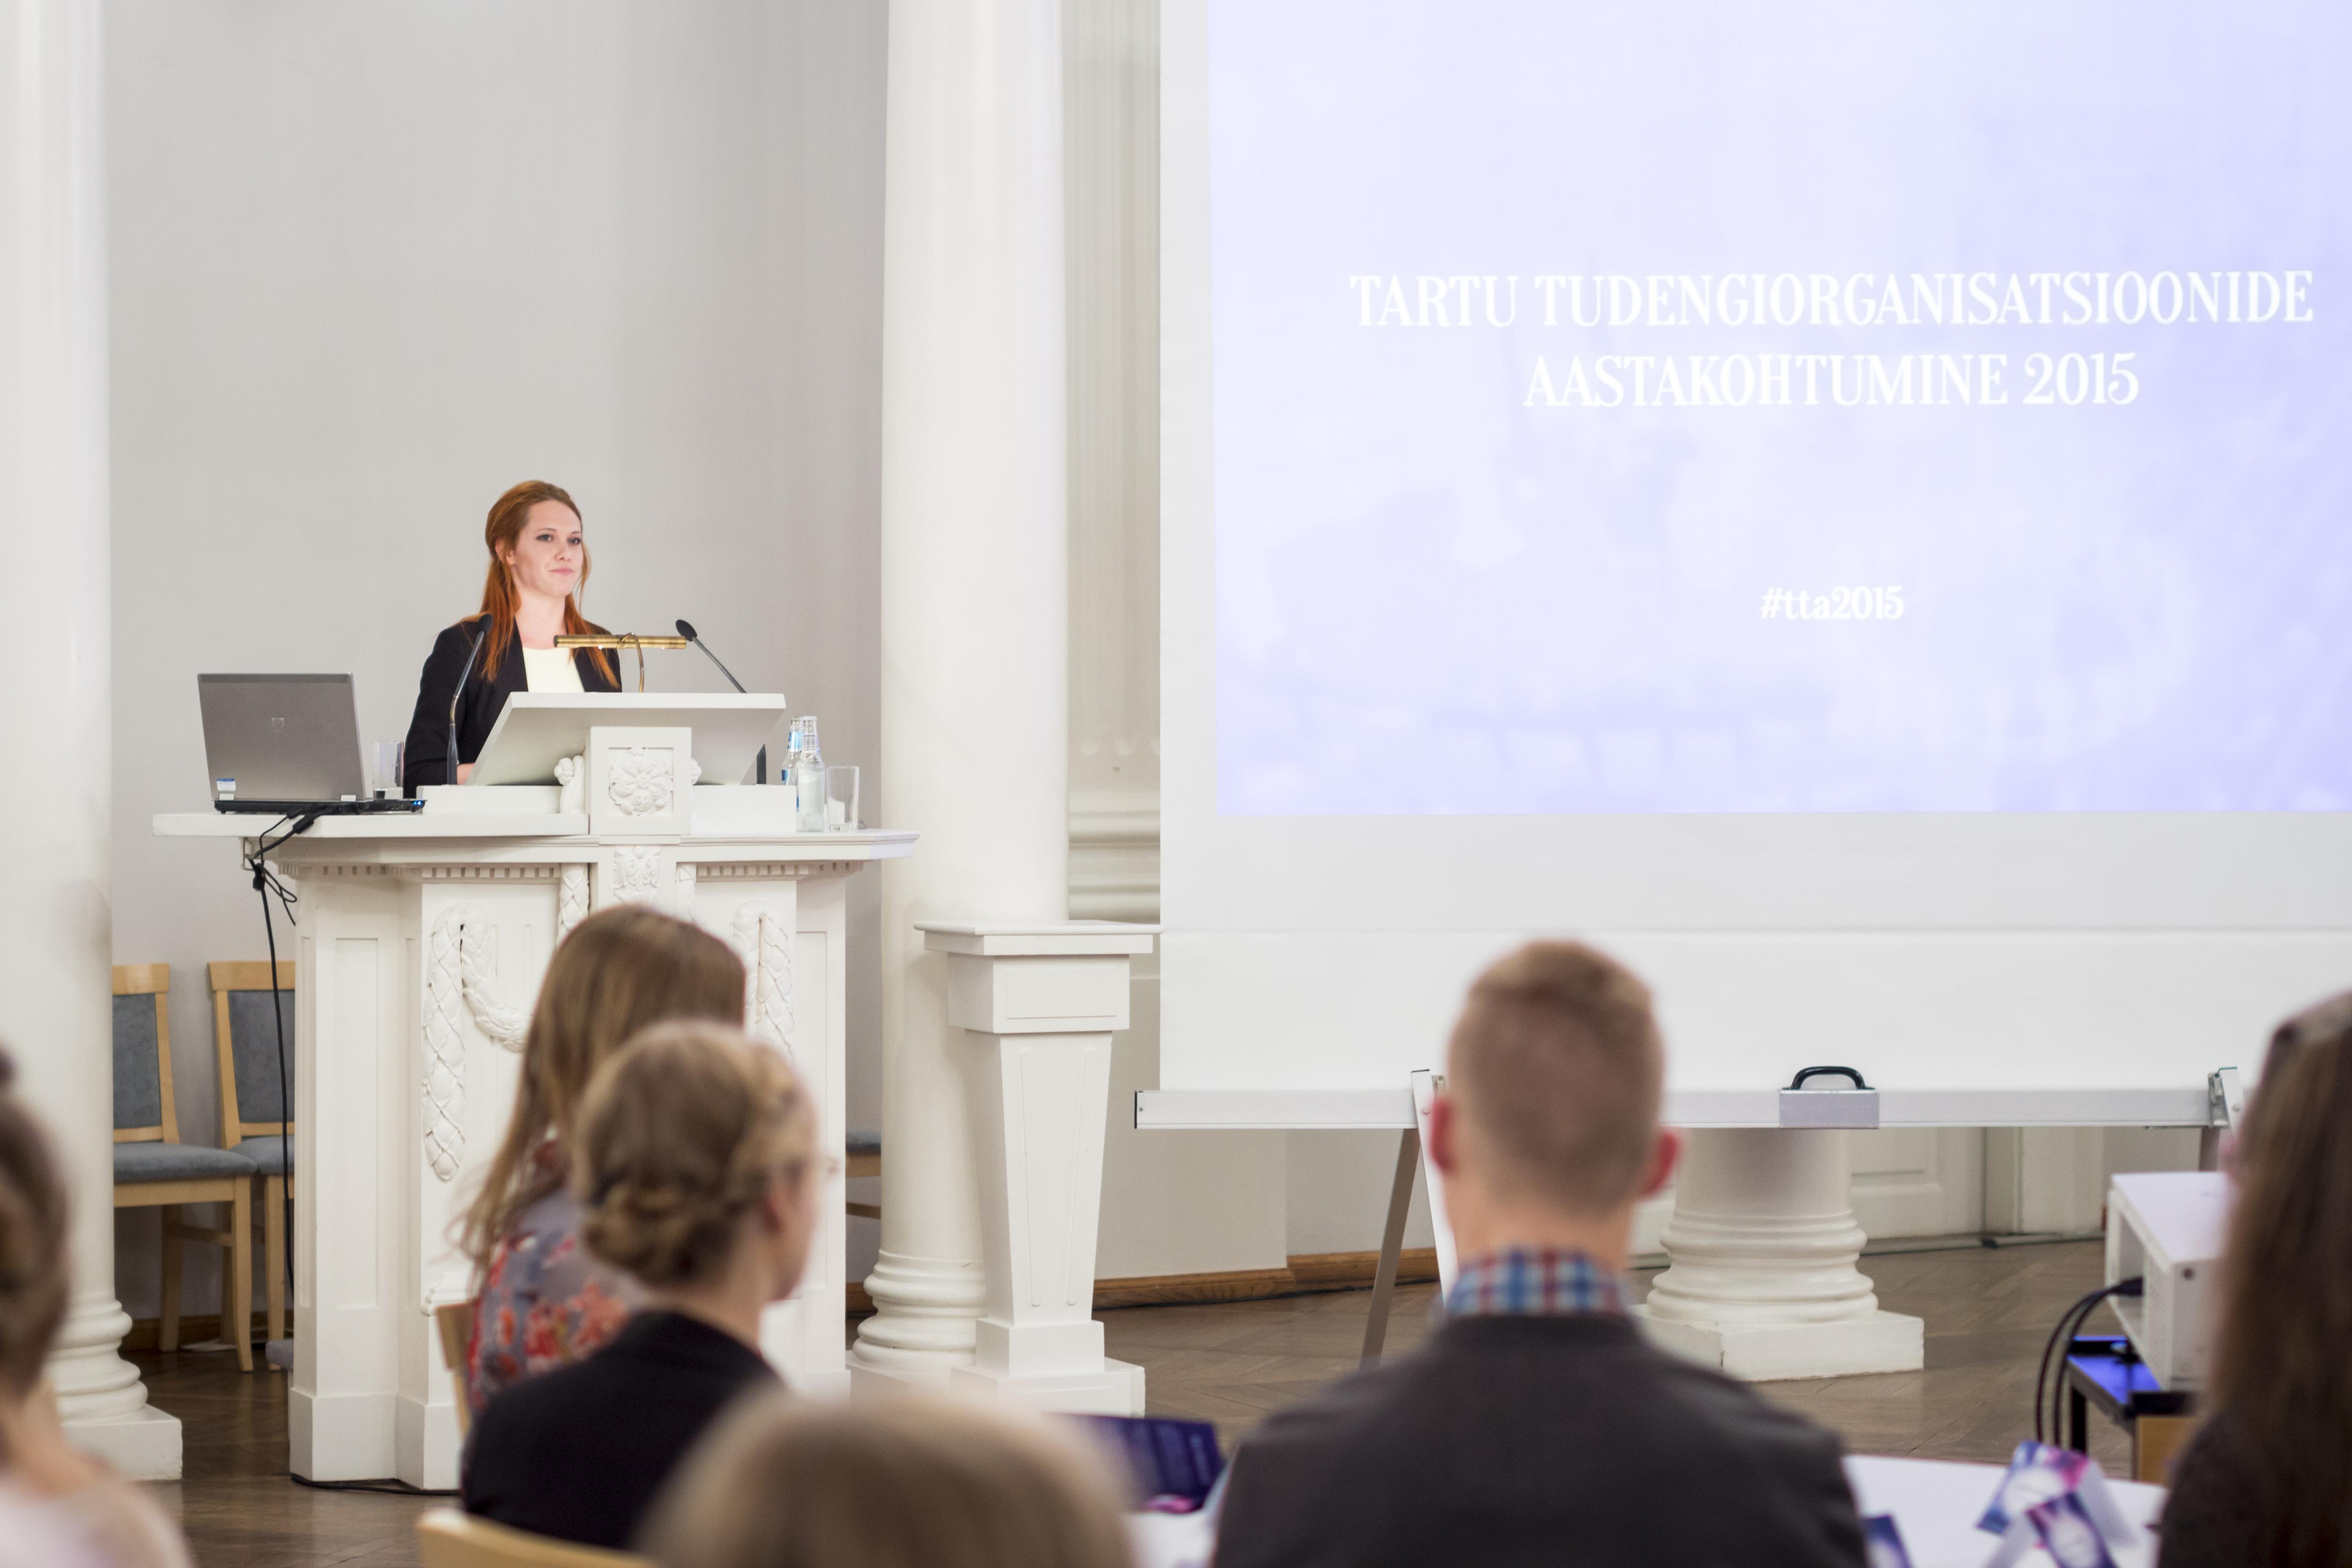 OLE ROHKEM Tartu tudengiorganisatsioonide koostöövõrgustik